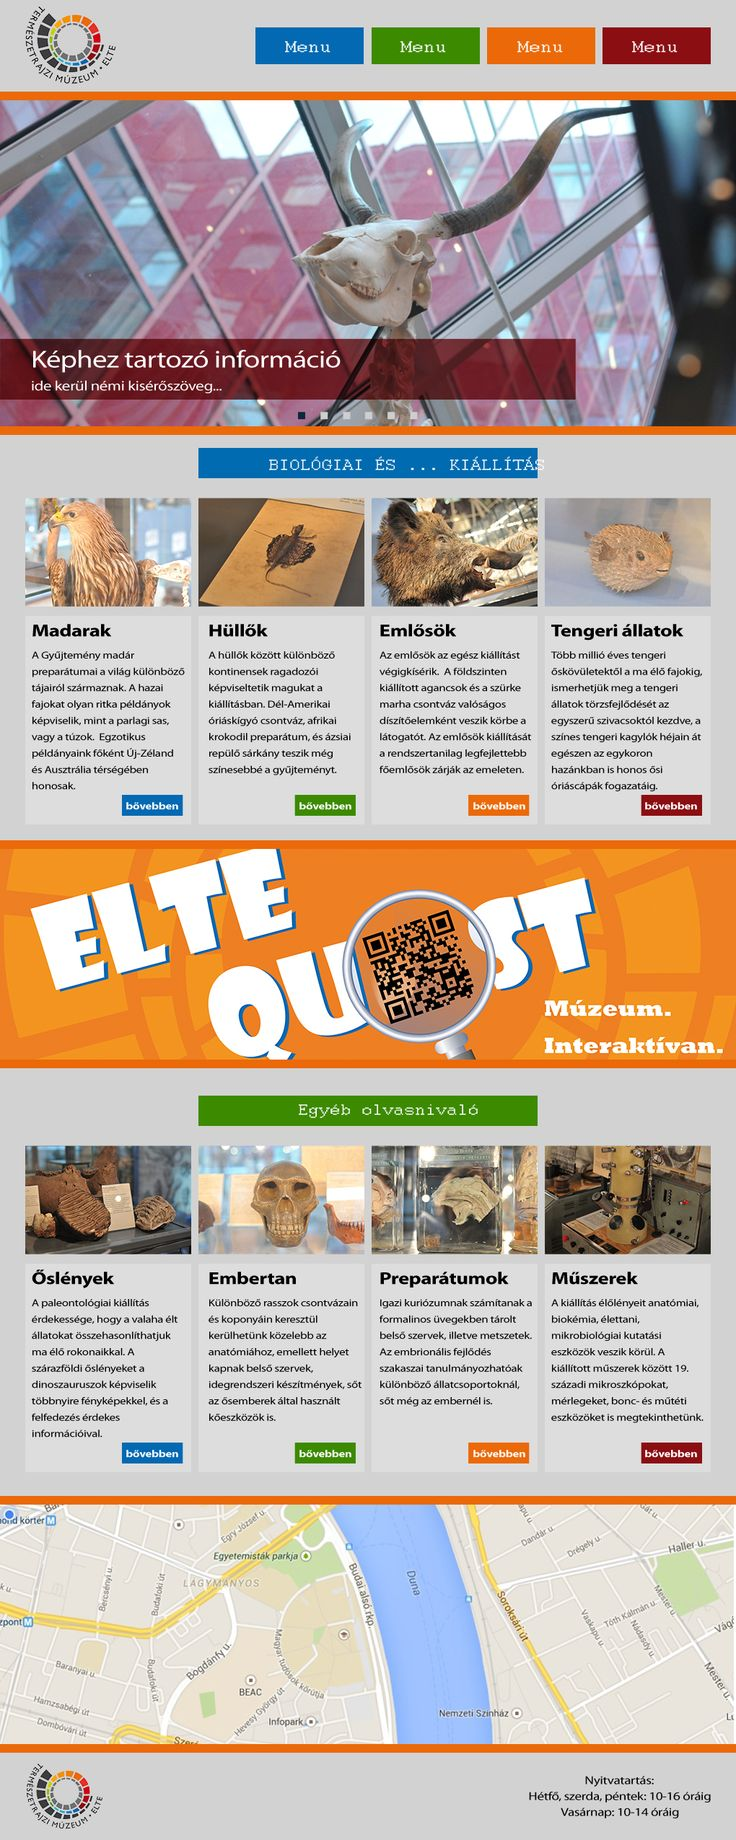 Gráf Mihály webdesigner tanfolyam modul elvégzését követő tervezési gyakorlat, amelyet az ELTE és a Top School közös tréningjén készített.